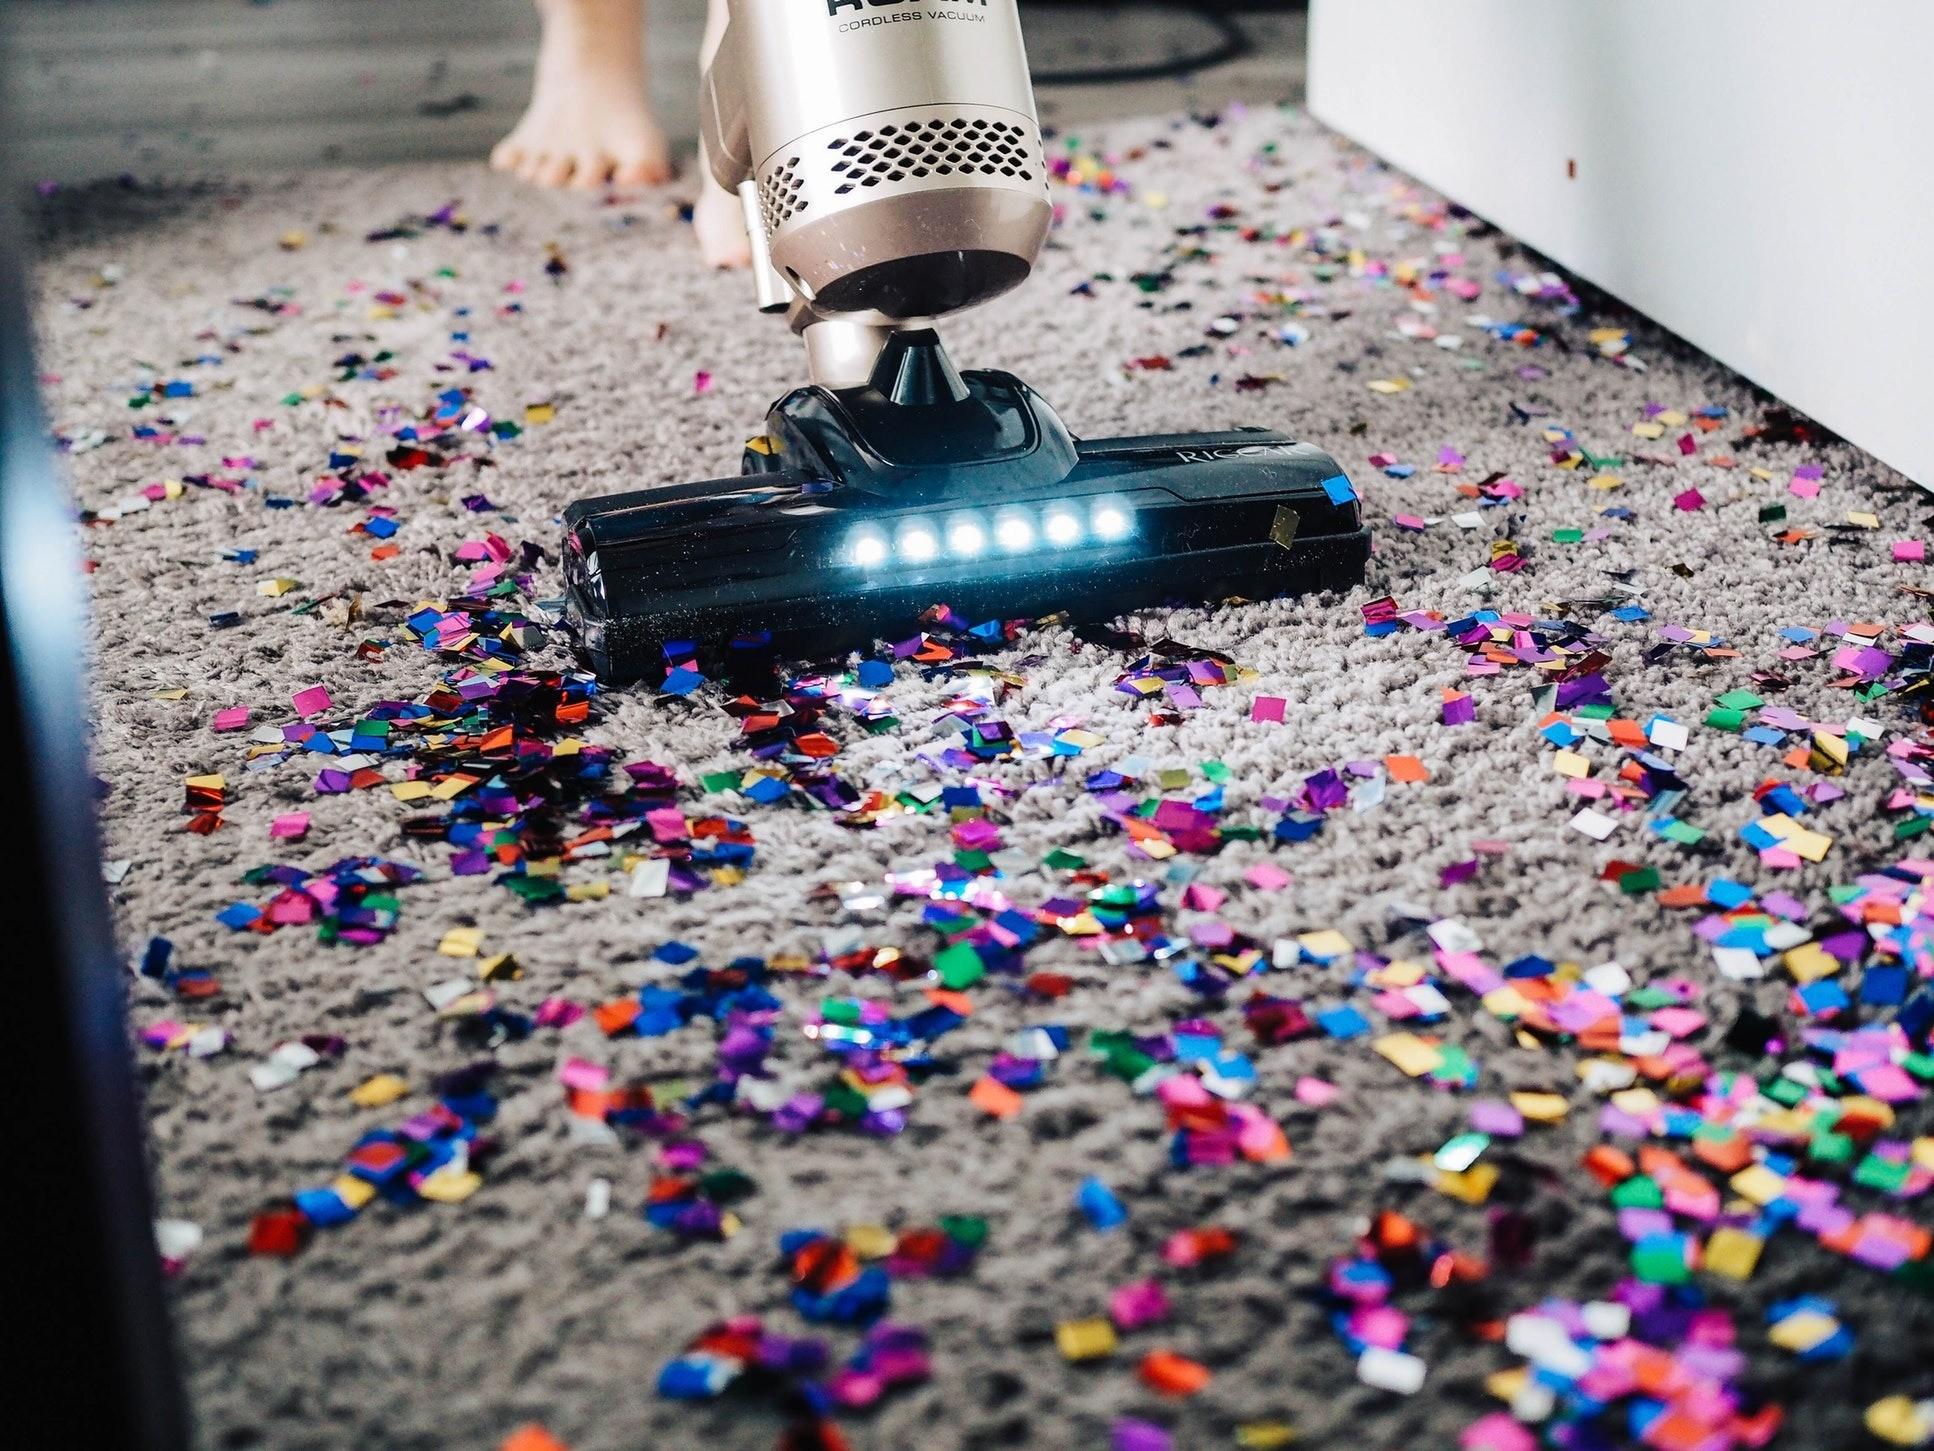 5 неожиданных способов превратить уборку в праздник